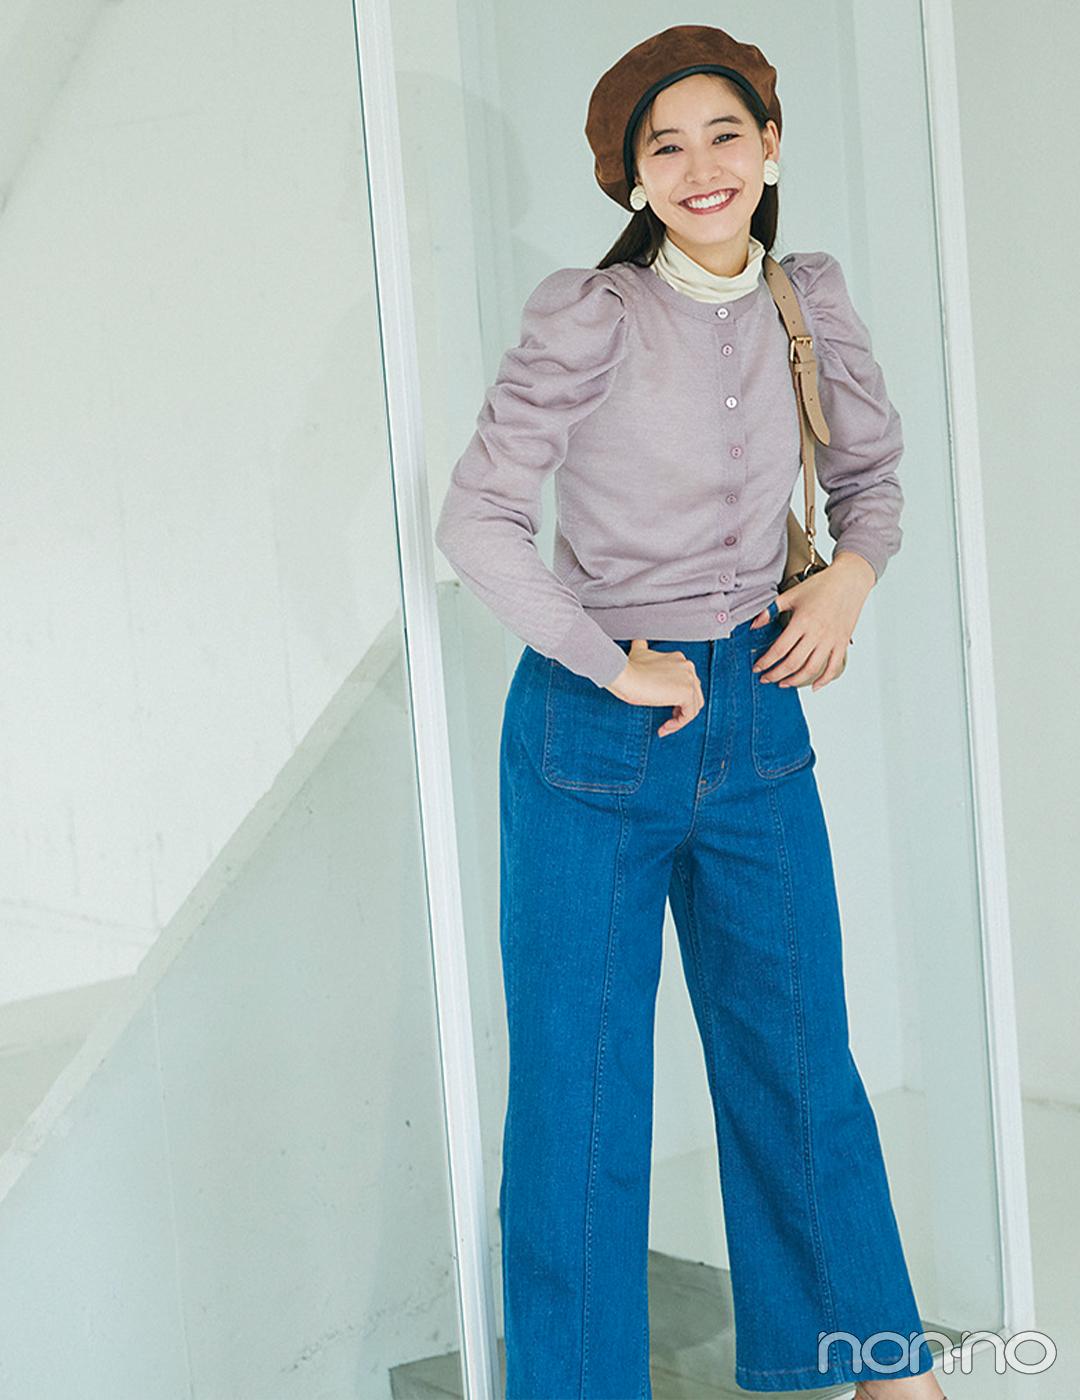 新木優子はグレイッシュなラベンダーカーデでデニムをアップデート【大学生の毎日コーデ】